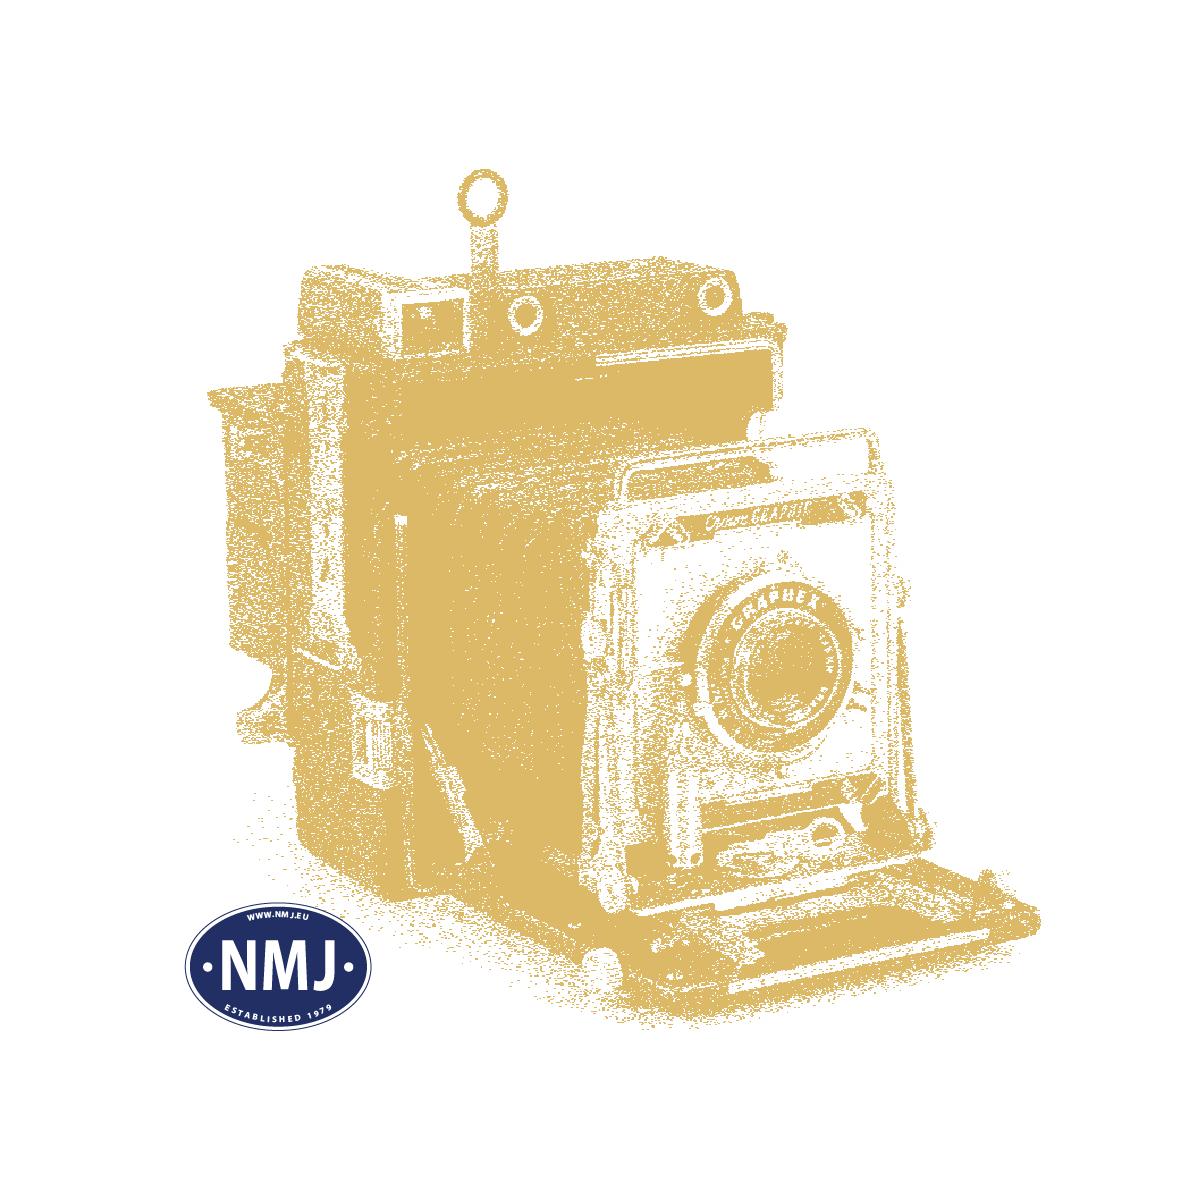 NMJT90506 - NMJ Topline Railcare TMY 1134 (DK), DCC w/ Sound